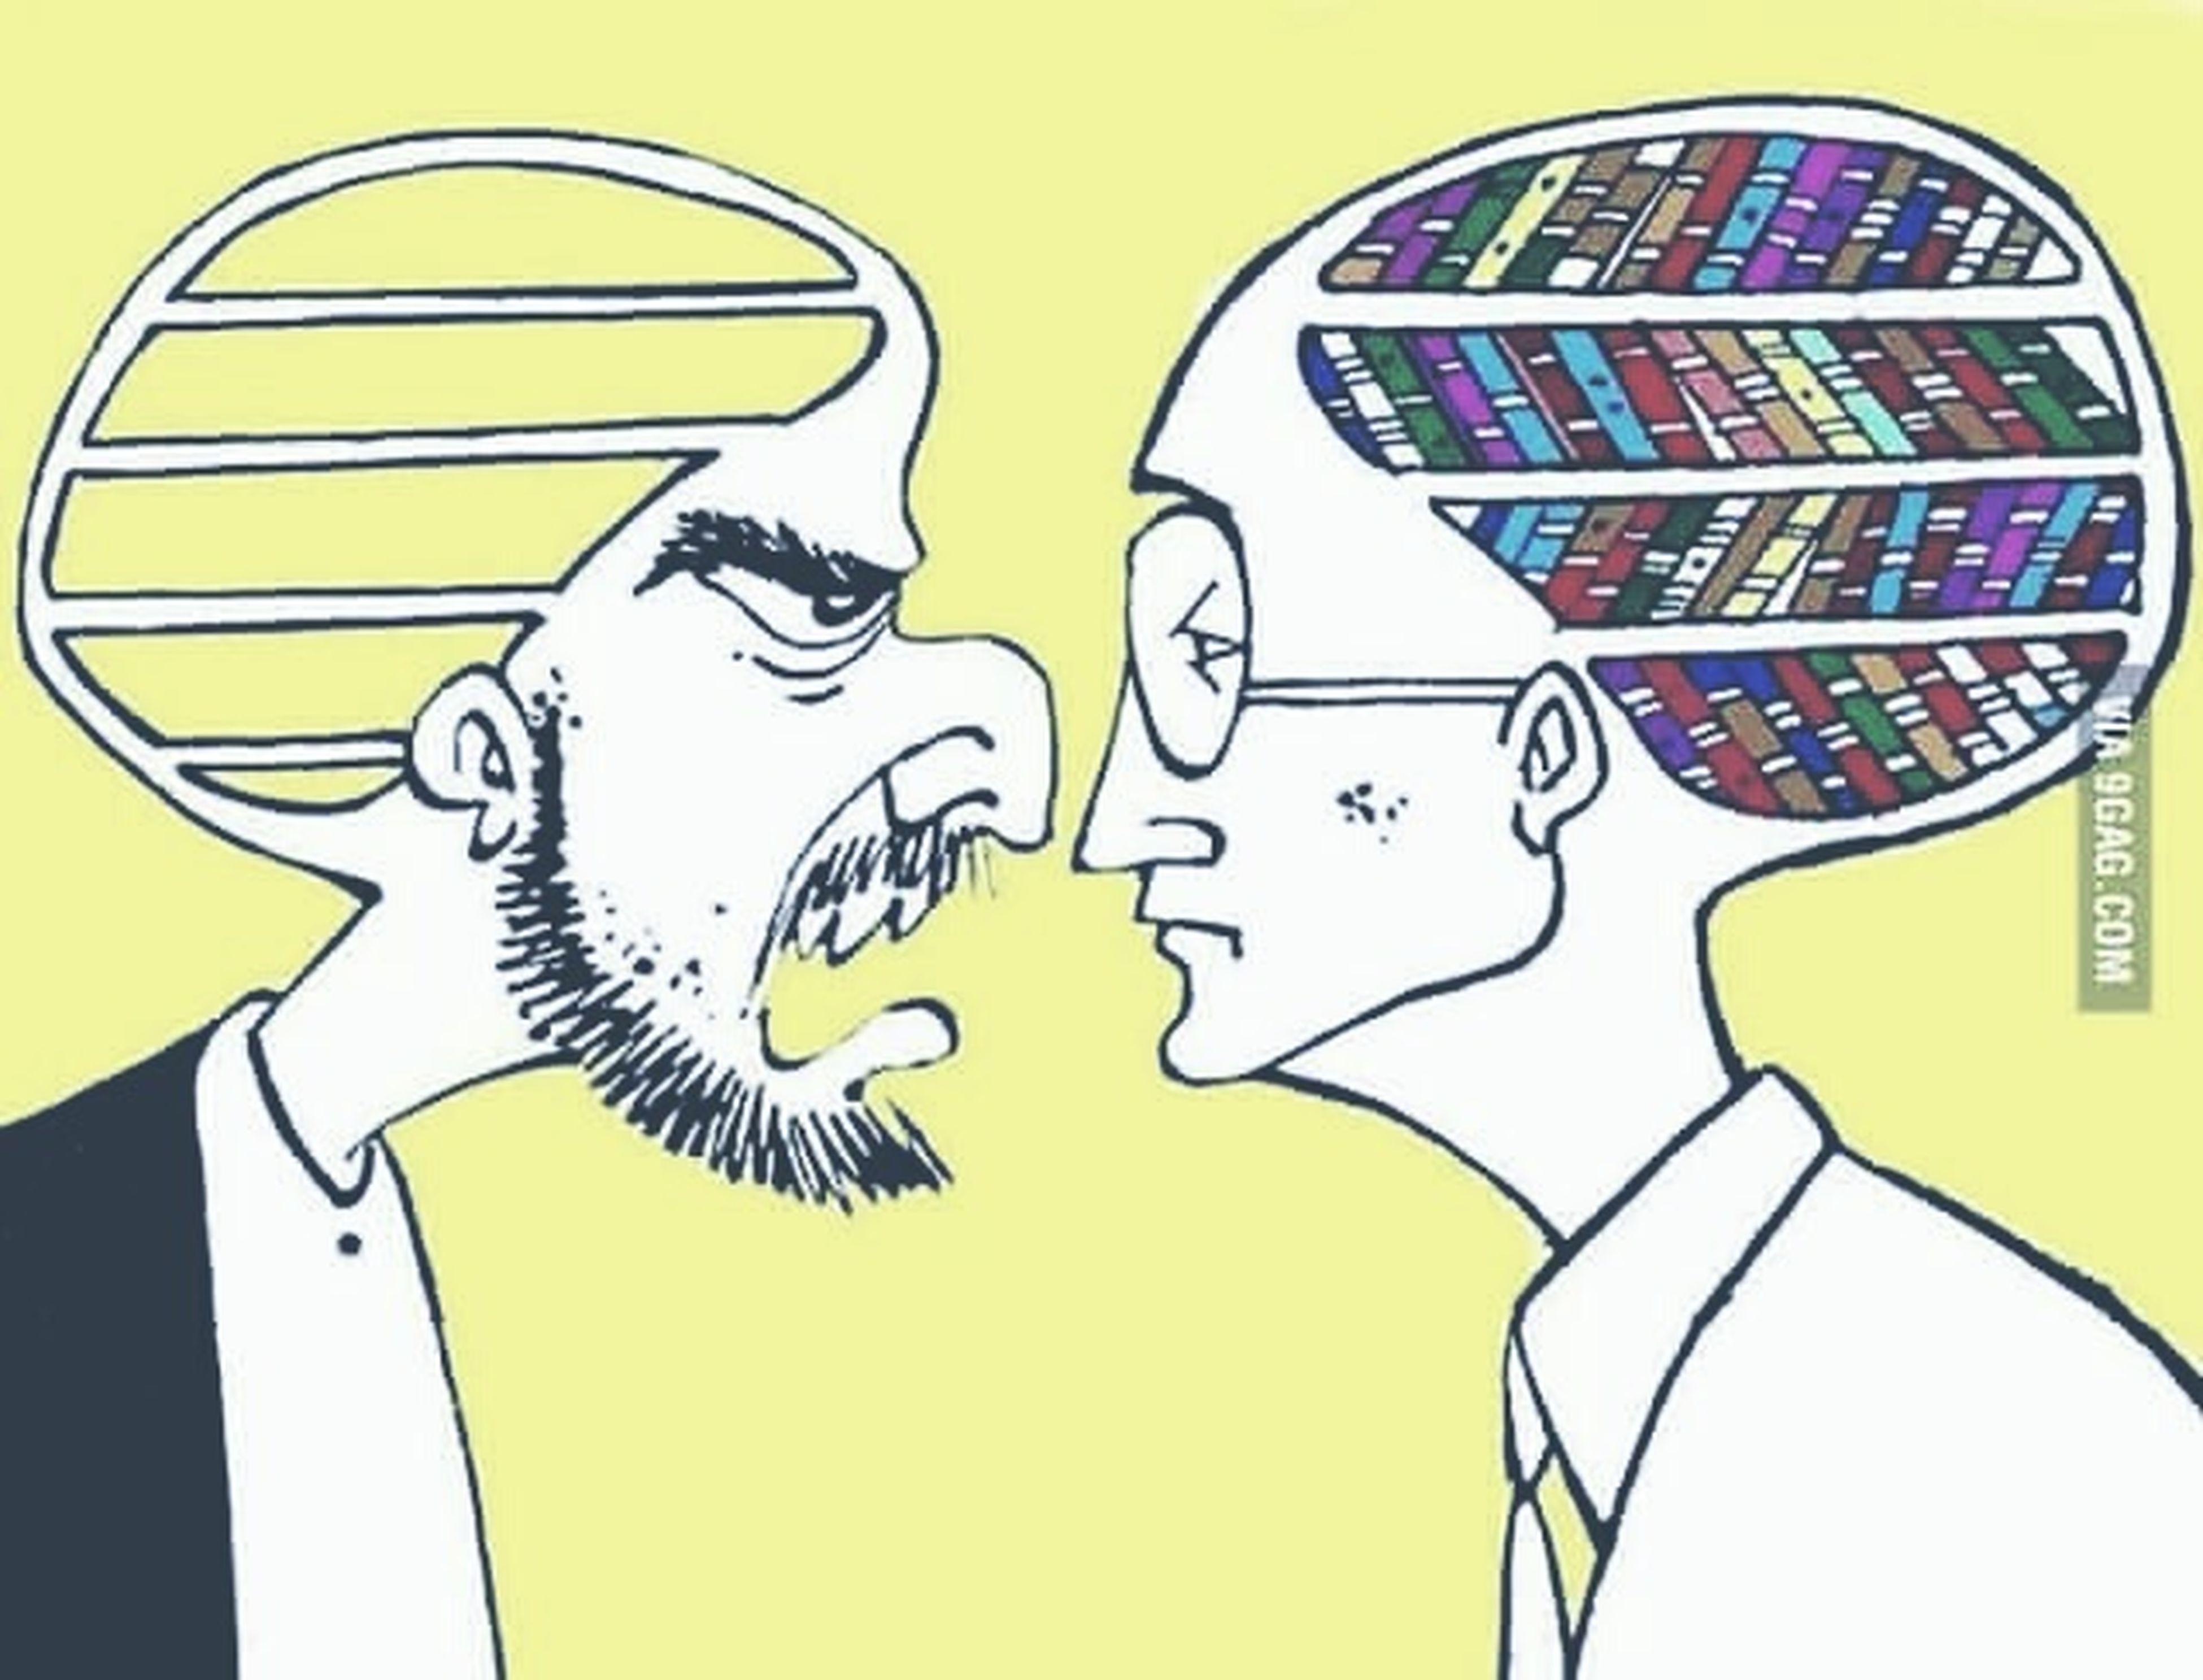 Intelligence Read Books Scream Ignorance IgnoranceVSintelligence